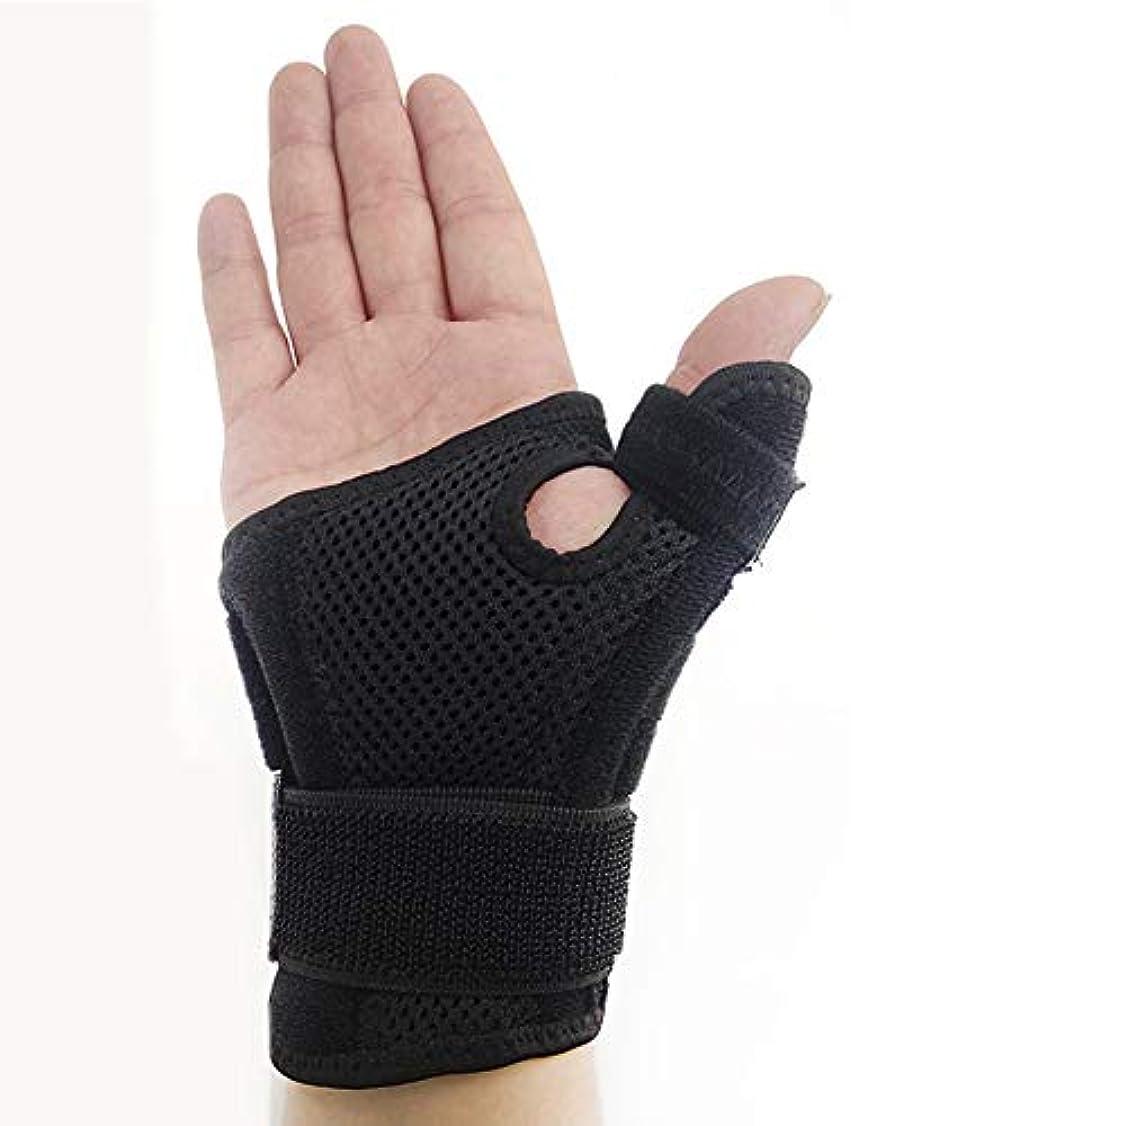 重さ分析的なエコー右と左の手黒のヘルスケアのための親指の保護ブレースサポートスプリントの親指の共同捻挫ガード